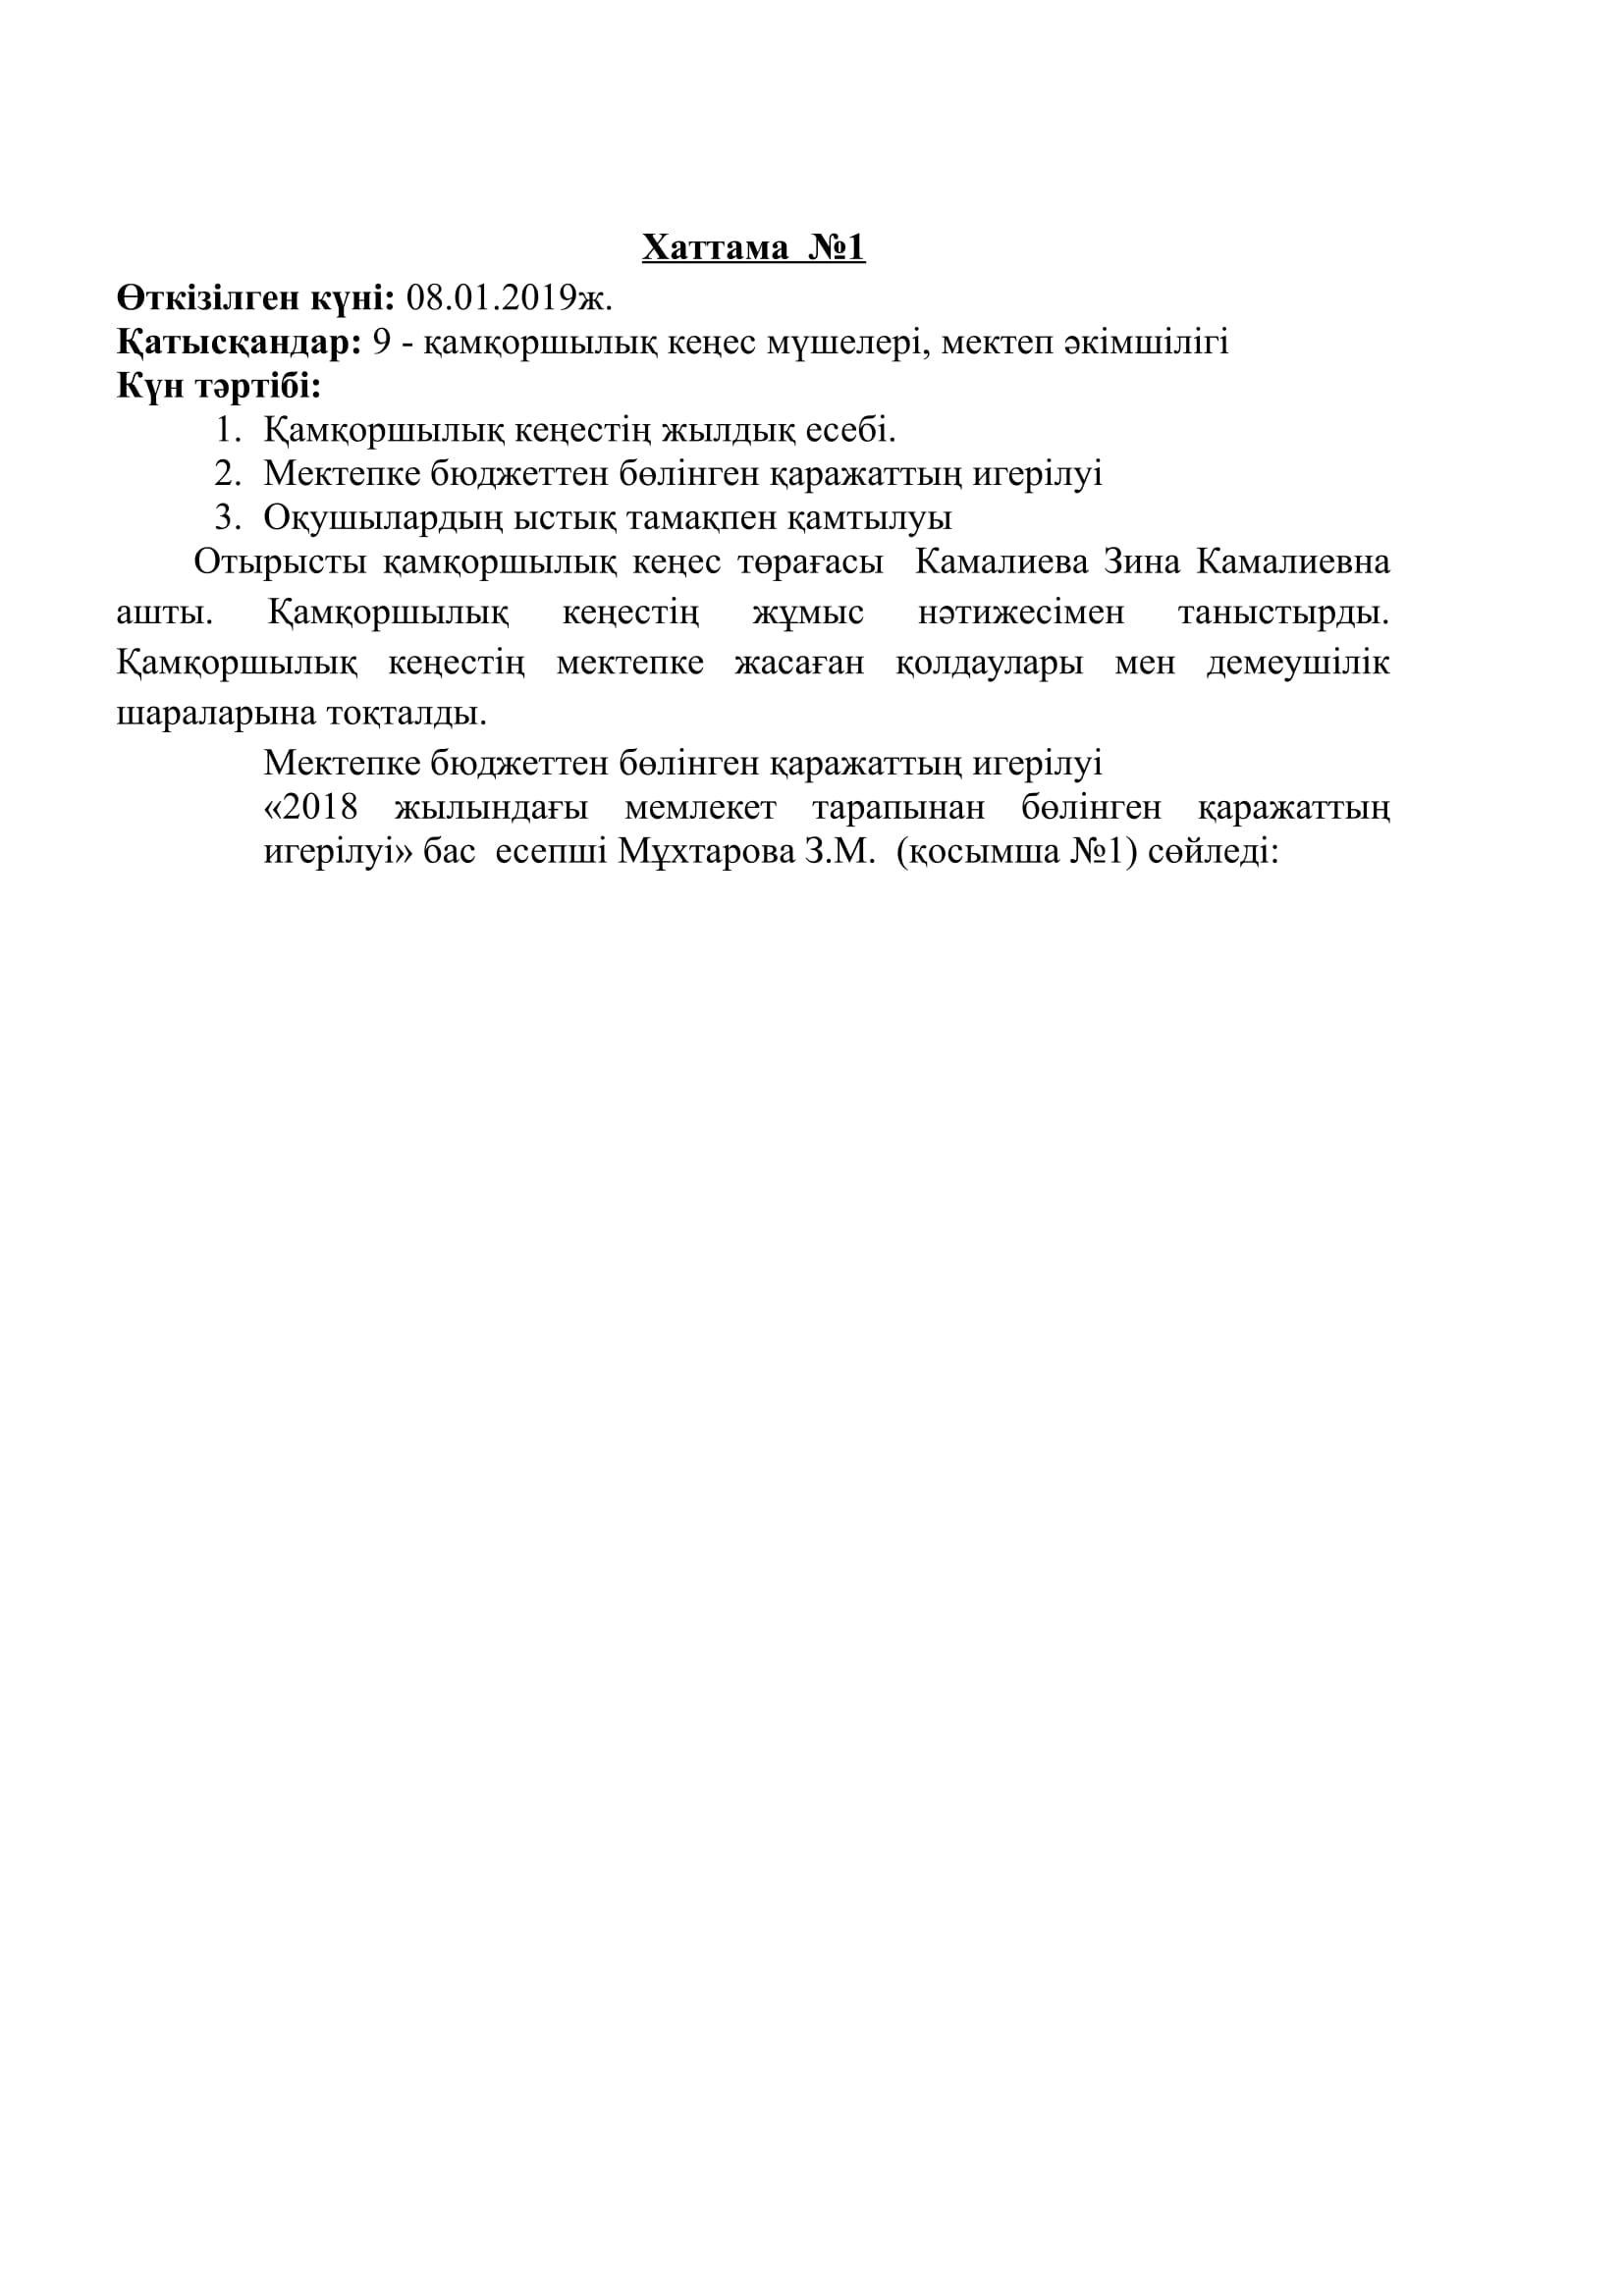 СОШ№36 ХАТТАМА — 2018-2019-12.jpg